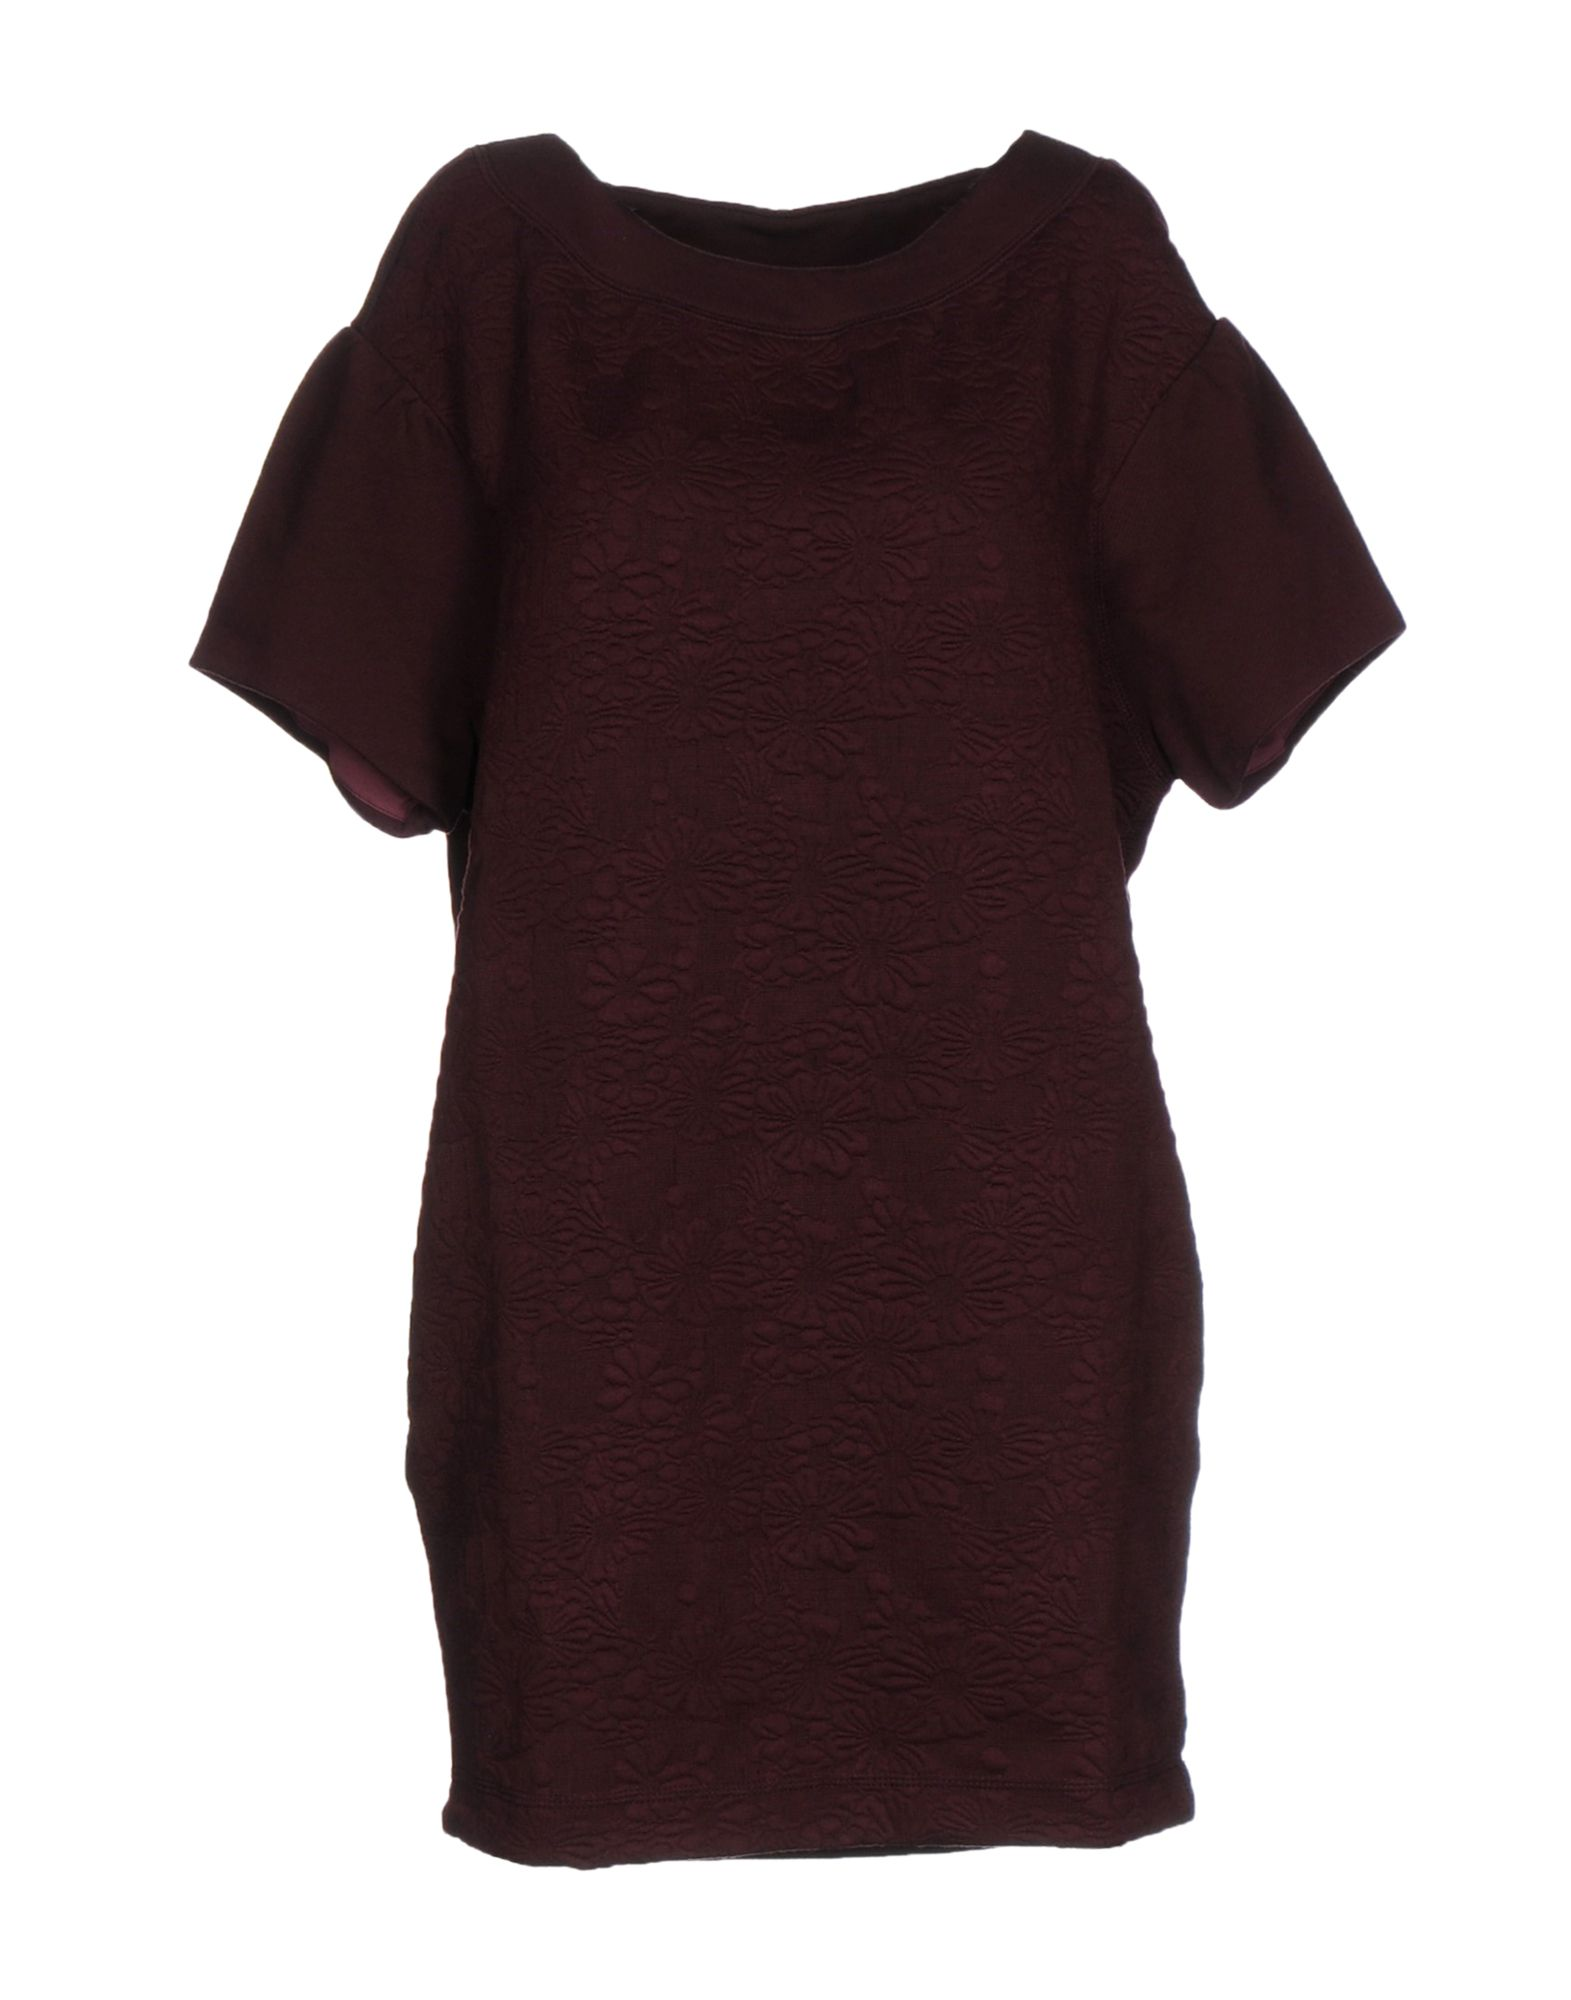 цены на LIU •JO JEANS Короткое платье в интернет-магазинах